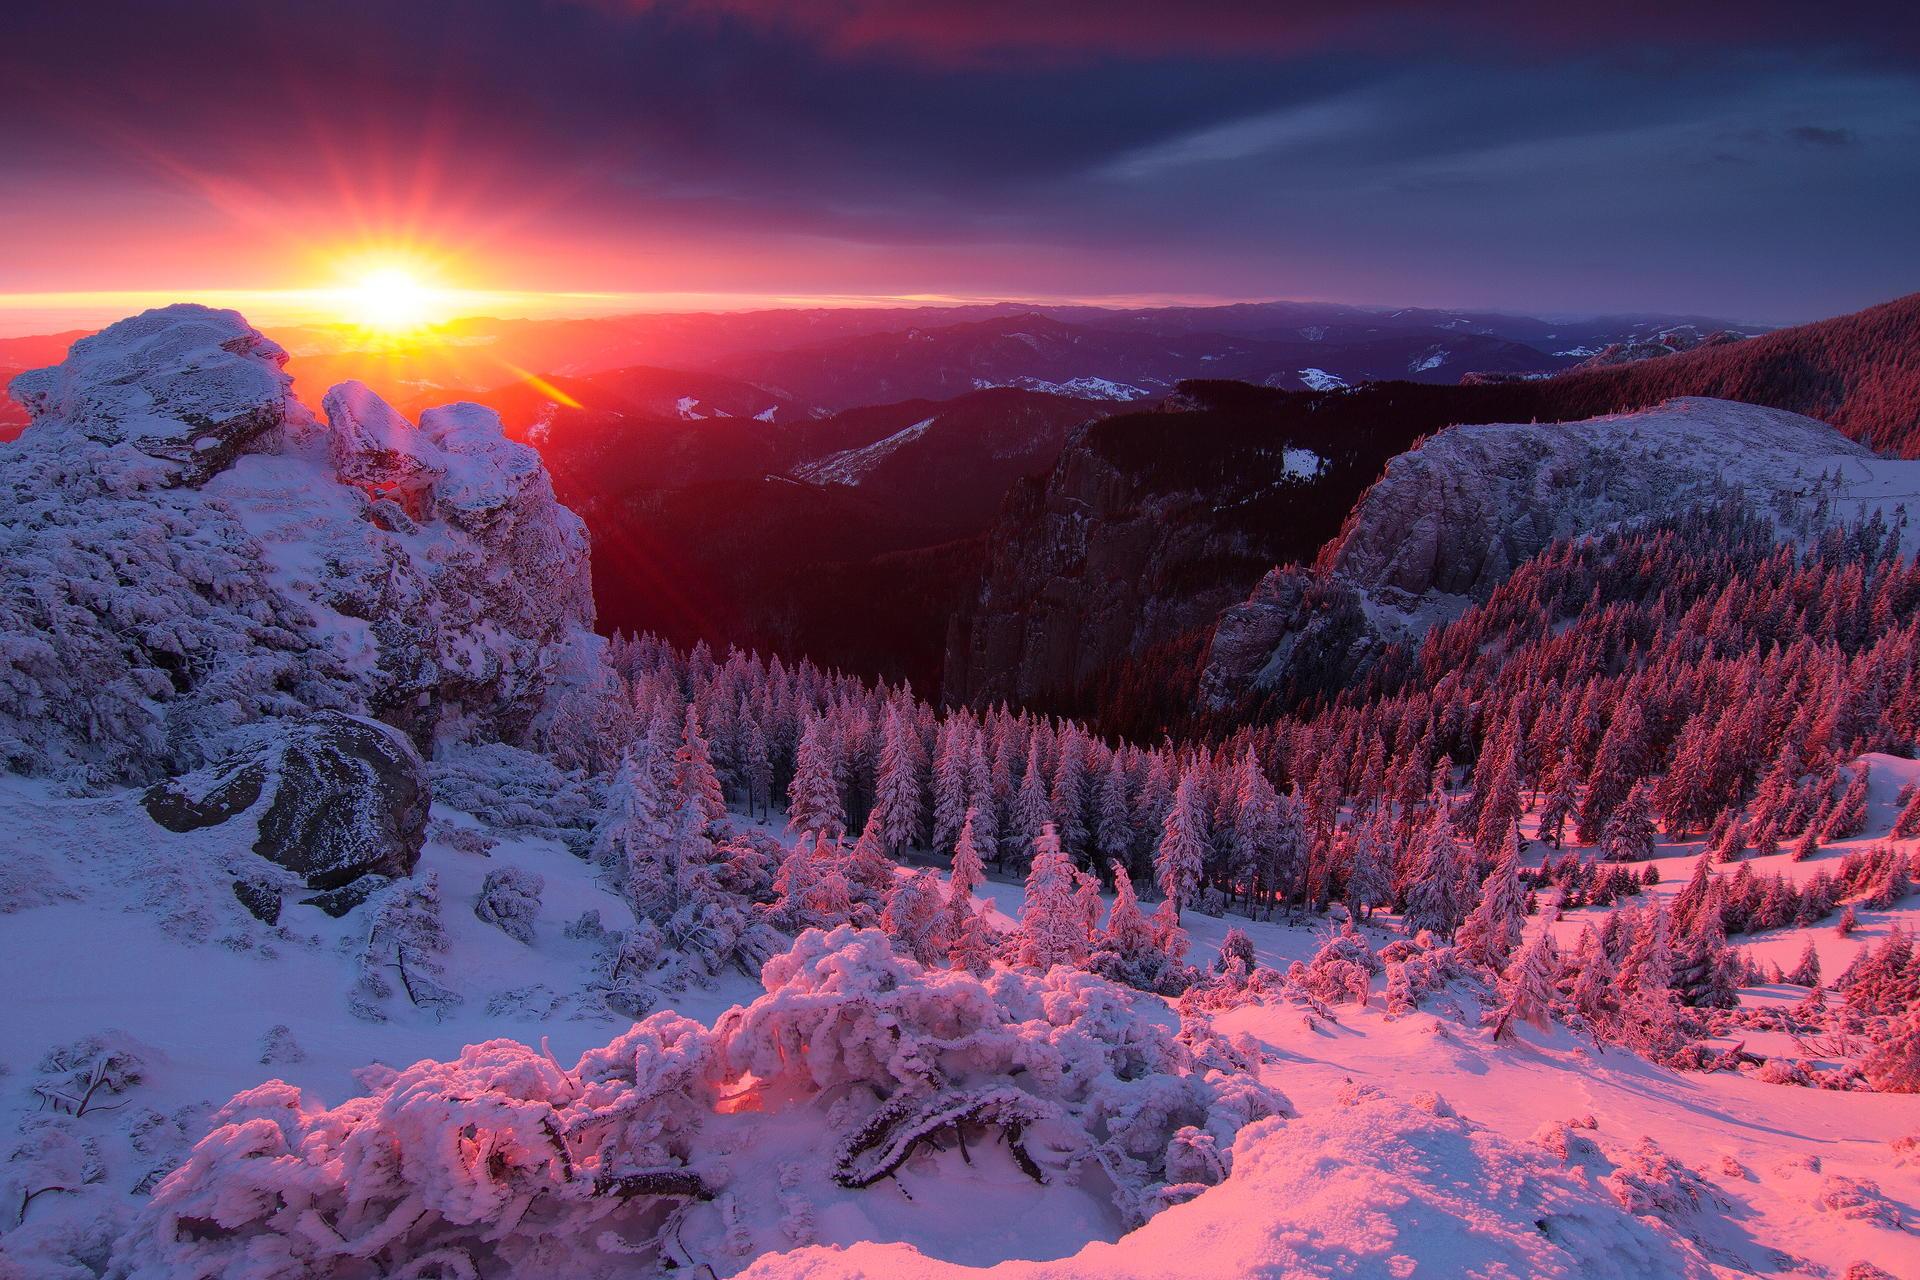 sundown in winter